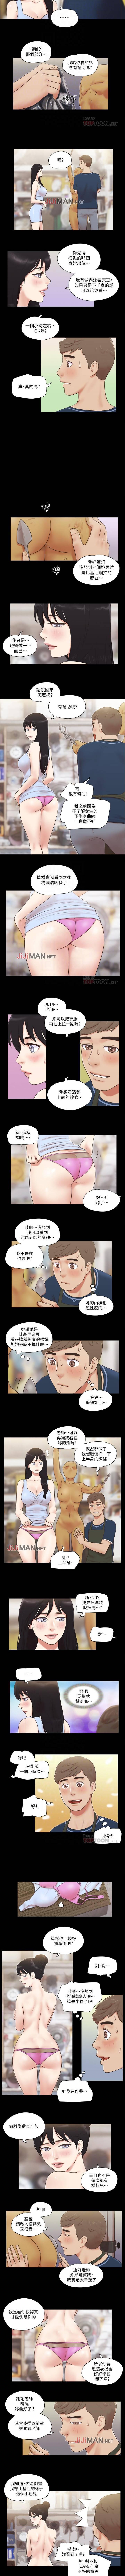 【周五连载】协议换爱(作者:遠德) 第1~62话 215